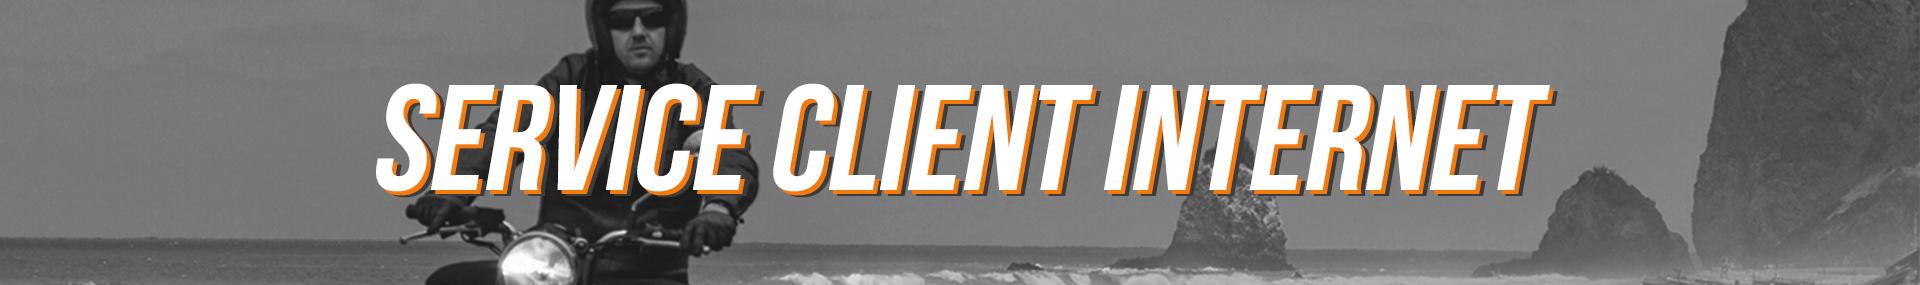 Service Client Internet